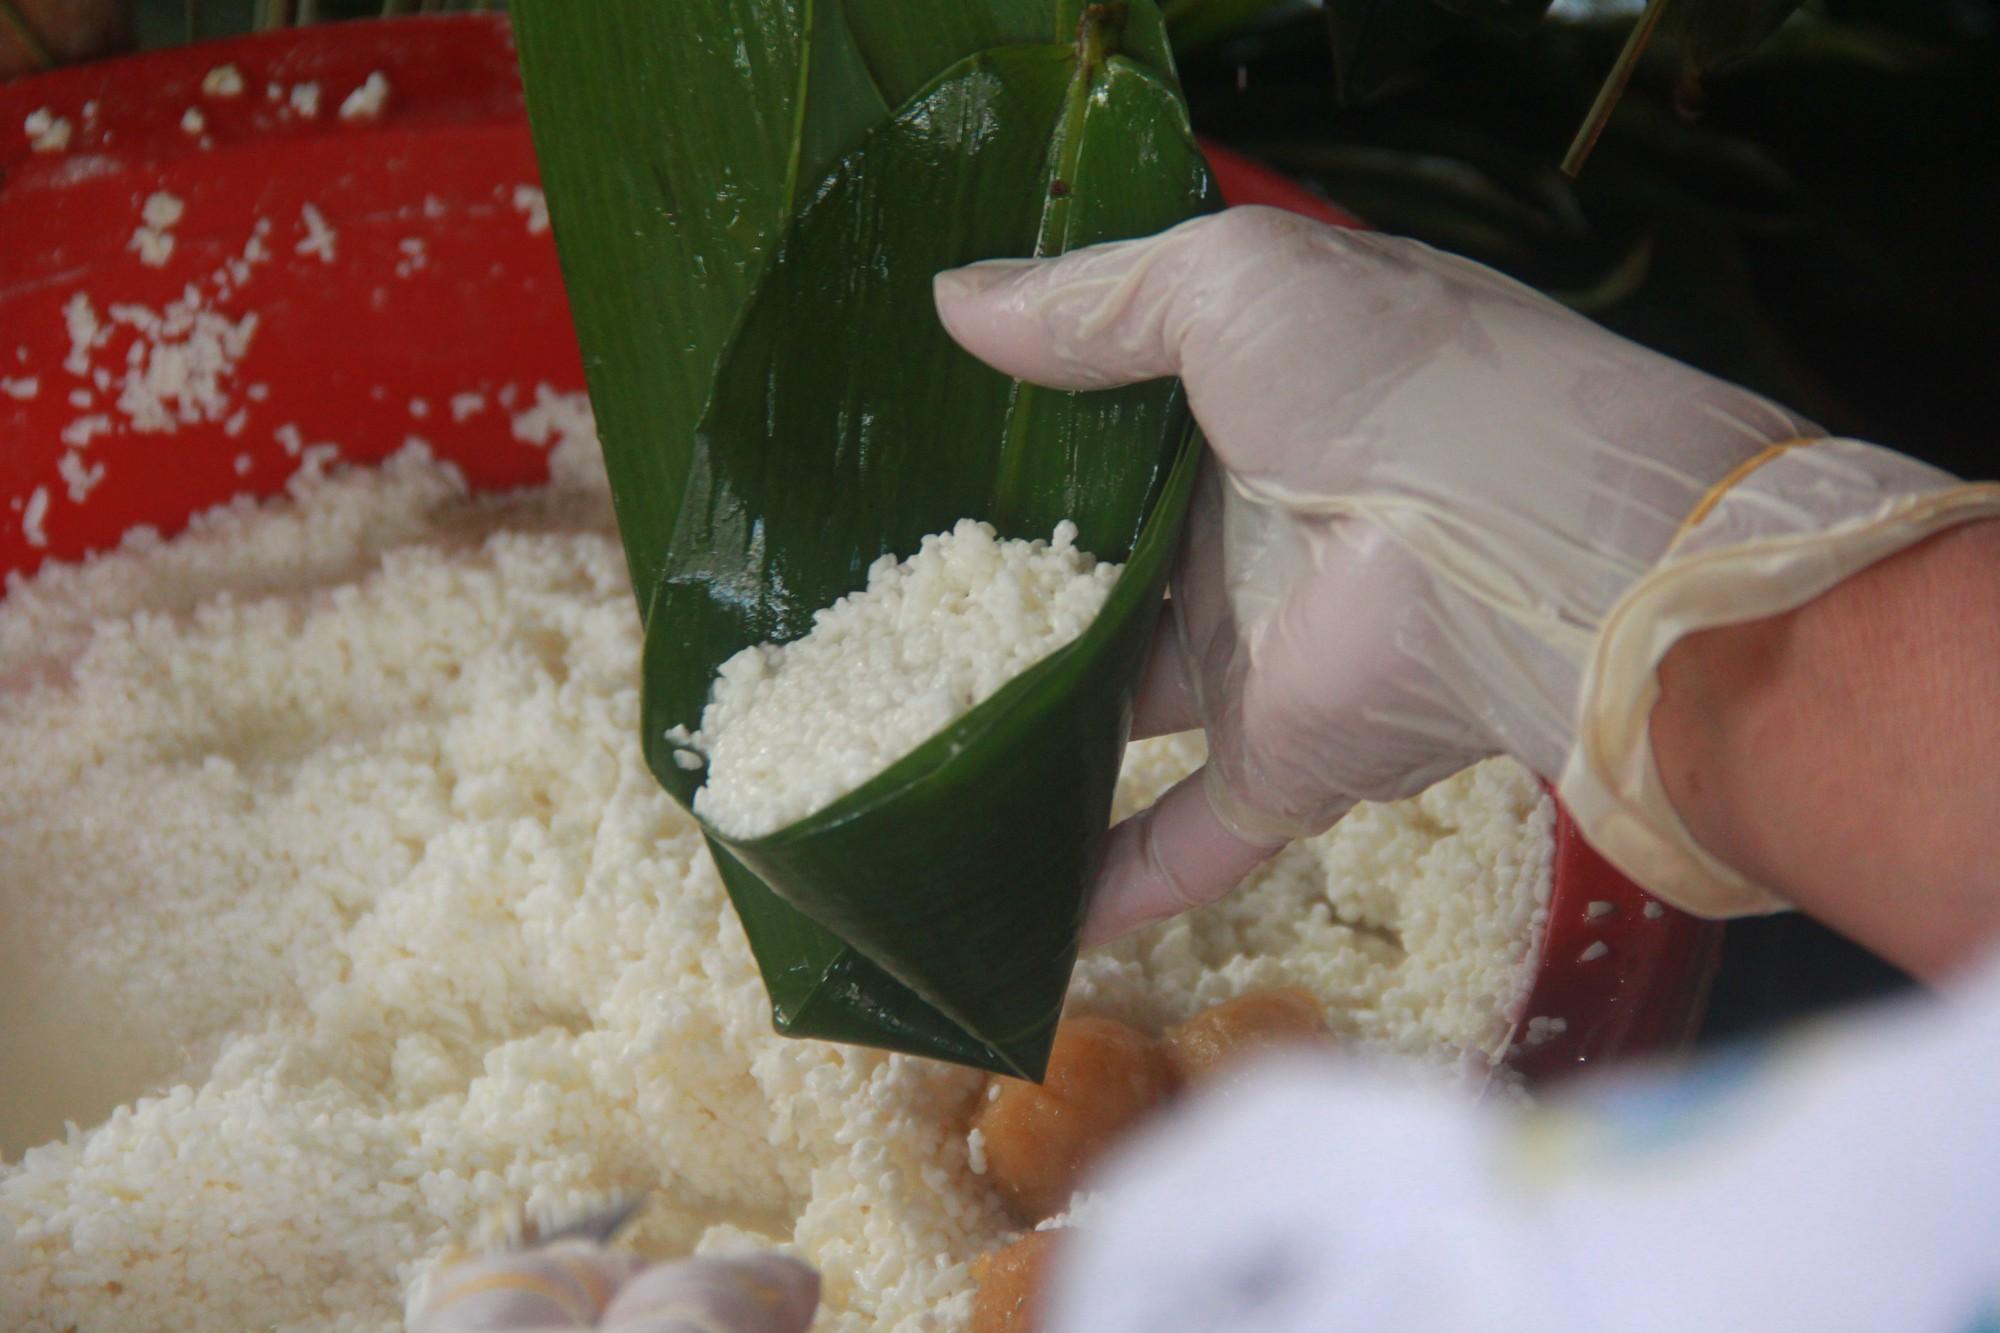 Xóm bánh ú tro nửa thế kỷ lừng danh ở Sài Gòn, đỏ lửa 5 ngày đêm để nấu bánh dịp Tết Đoan Ngọ - Ảnh 8